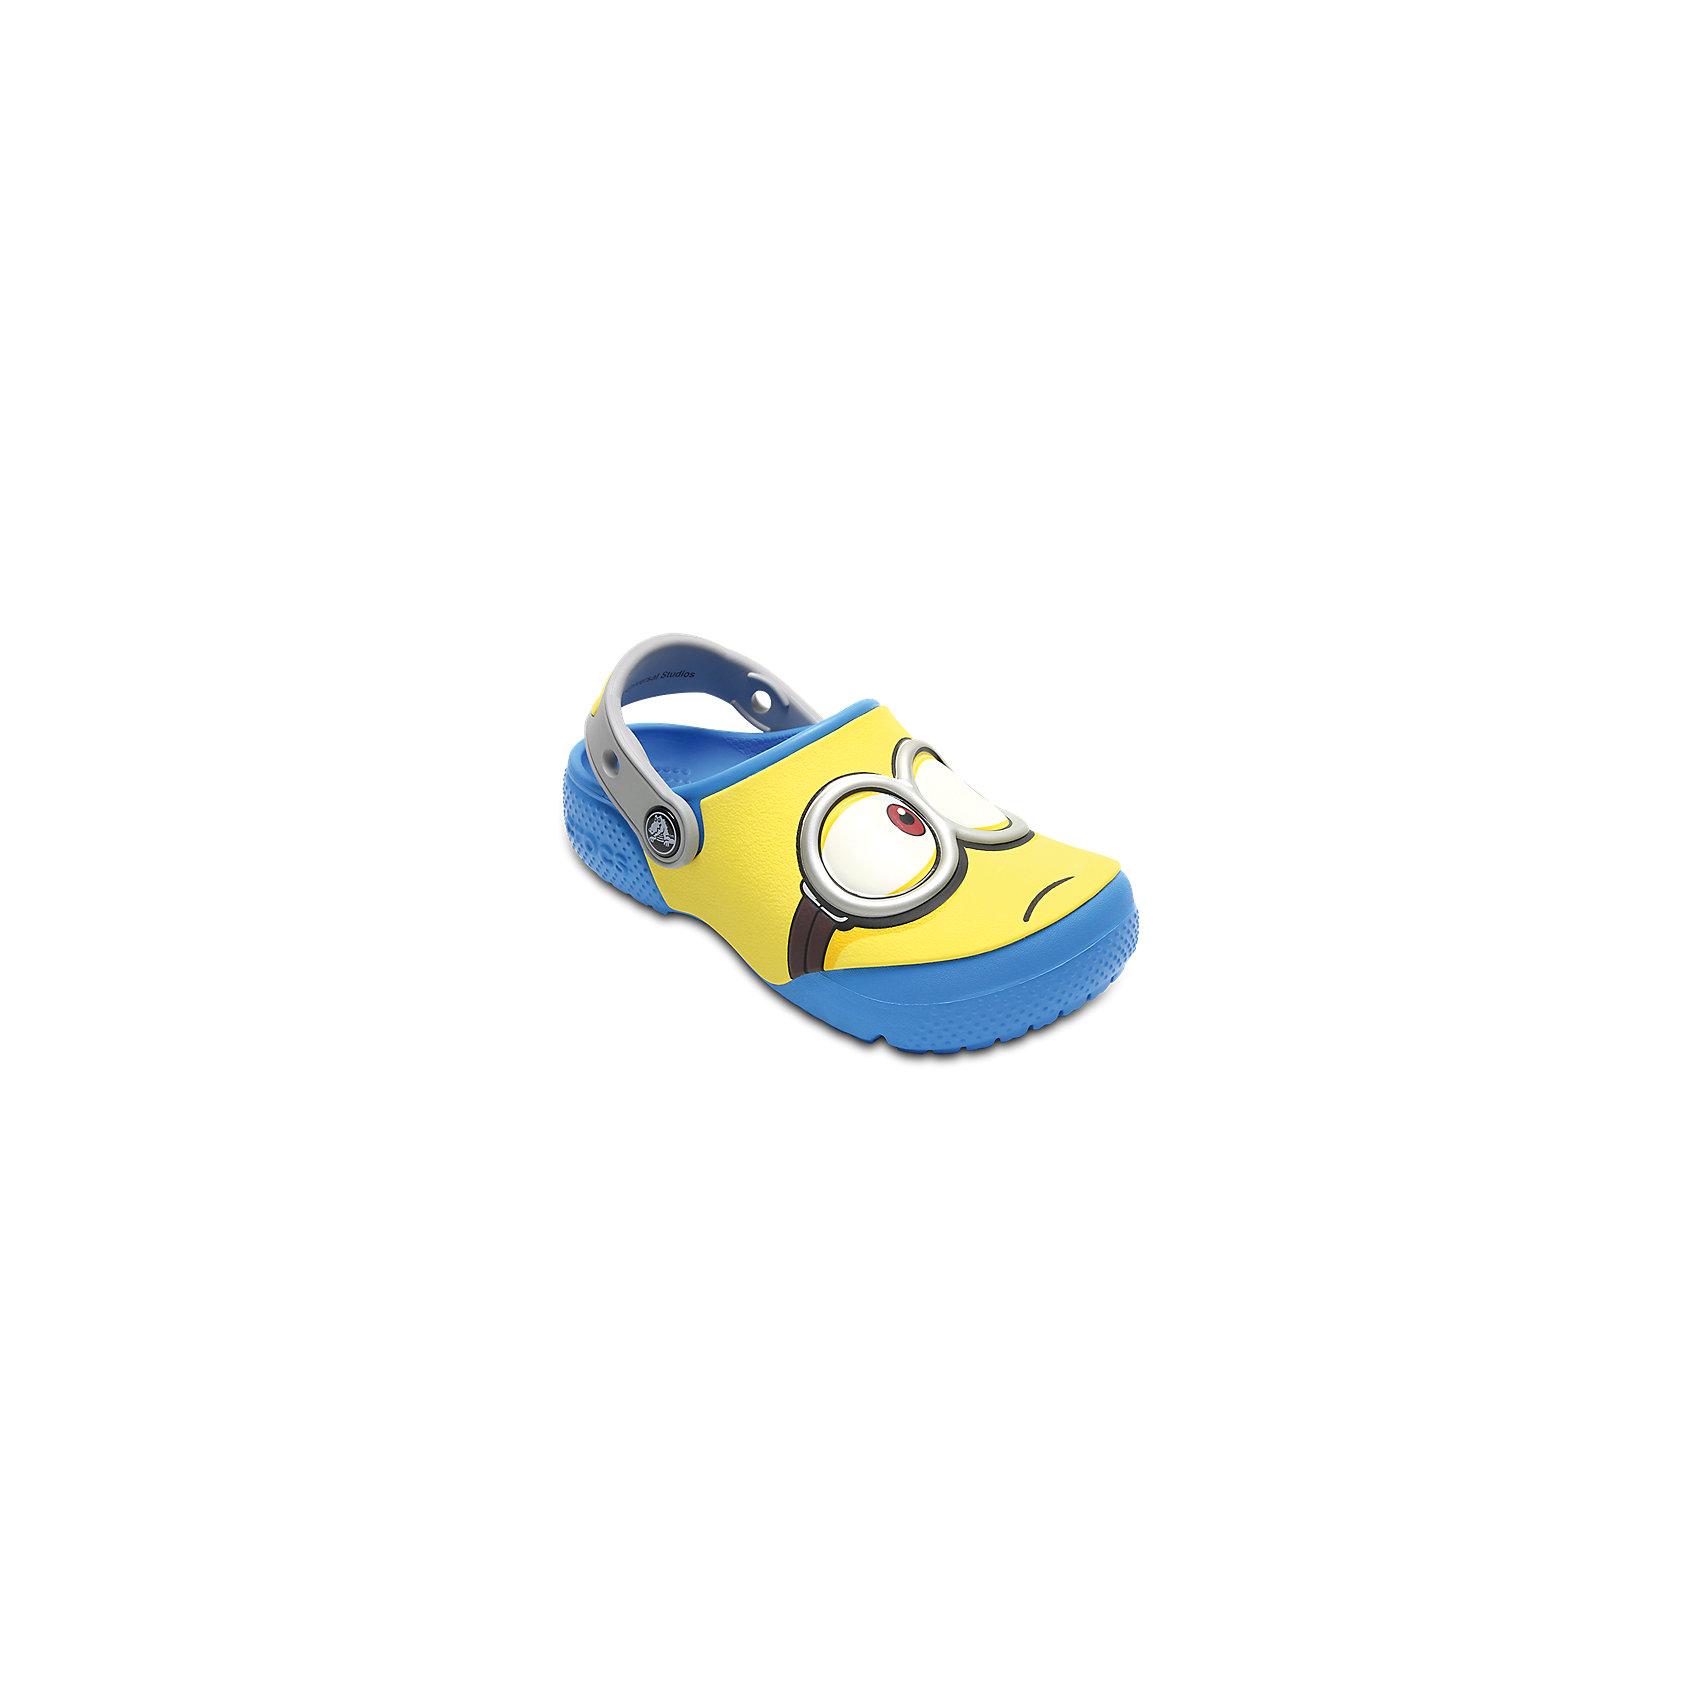 Сабо Kids Crocs Fun Lab Minions ClogsПляжная обувь<br>Характеристики товара:<br><br>• цвет: желтый<br>• сезон: лето<br>• тип: пляжная обувь<br>• материал: 100% полимер Croslite™<br>• под воздействием температуры тела принимают форму стопы<br>• полностью литая модель<br>• вентиляционные отверстия<br>• бактериостатичный материал<br>• пяточный ремешок фиксирует стопу<br>• отверстия для использования украшений<br>• анатомическая стелька с массажными точками<br>• страна бренда: США<br>• страна изготовитель: Китай<br><br>Обувь от американского бренда Crocs в данный момент завоевала широкую популярность во всем мире, и это не удивительно - ведь она невероятно удобна. <br><br>Её носят врачи, спортсмены, звёзды шоу-бизнеса, люди, которым много времени приходится бывать на ногах - они понимают, как важна комфортная обувь. <br><br>Продукция Crocs - это качественные товары, созданные с применением новейших технологий. <br><br>Обувь отличается стильным дизайном и продуманной конструкцией. <br><br>Изделие производится из качественных и проверенных материалов, которые безопасны для детей.<br><br>Сабо Kids Crocs Fun Lab Minions Clogs можно купить в нашем интернет-магазине.<br><br>Ширина мм: 225<br>Глубина мм: 139<br>Высота мм: 112<br>Вес г: 290<br>Цвет: синий<br>Возраст от месяцев: 36<br>Возраст до месяцев: 48<br>Пол: Унисекс<br>Возраст: Детский<br>Размер: 27,34/35,24,28,29,30,25,21,22,26,23,31/32,33/34<br>SKU: 5417004